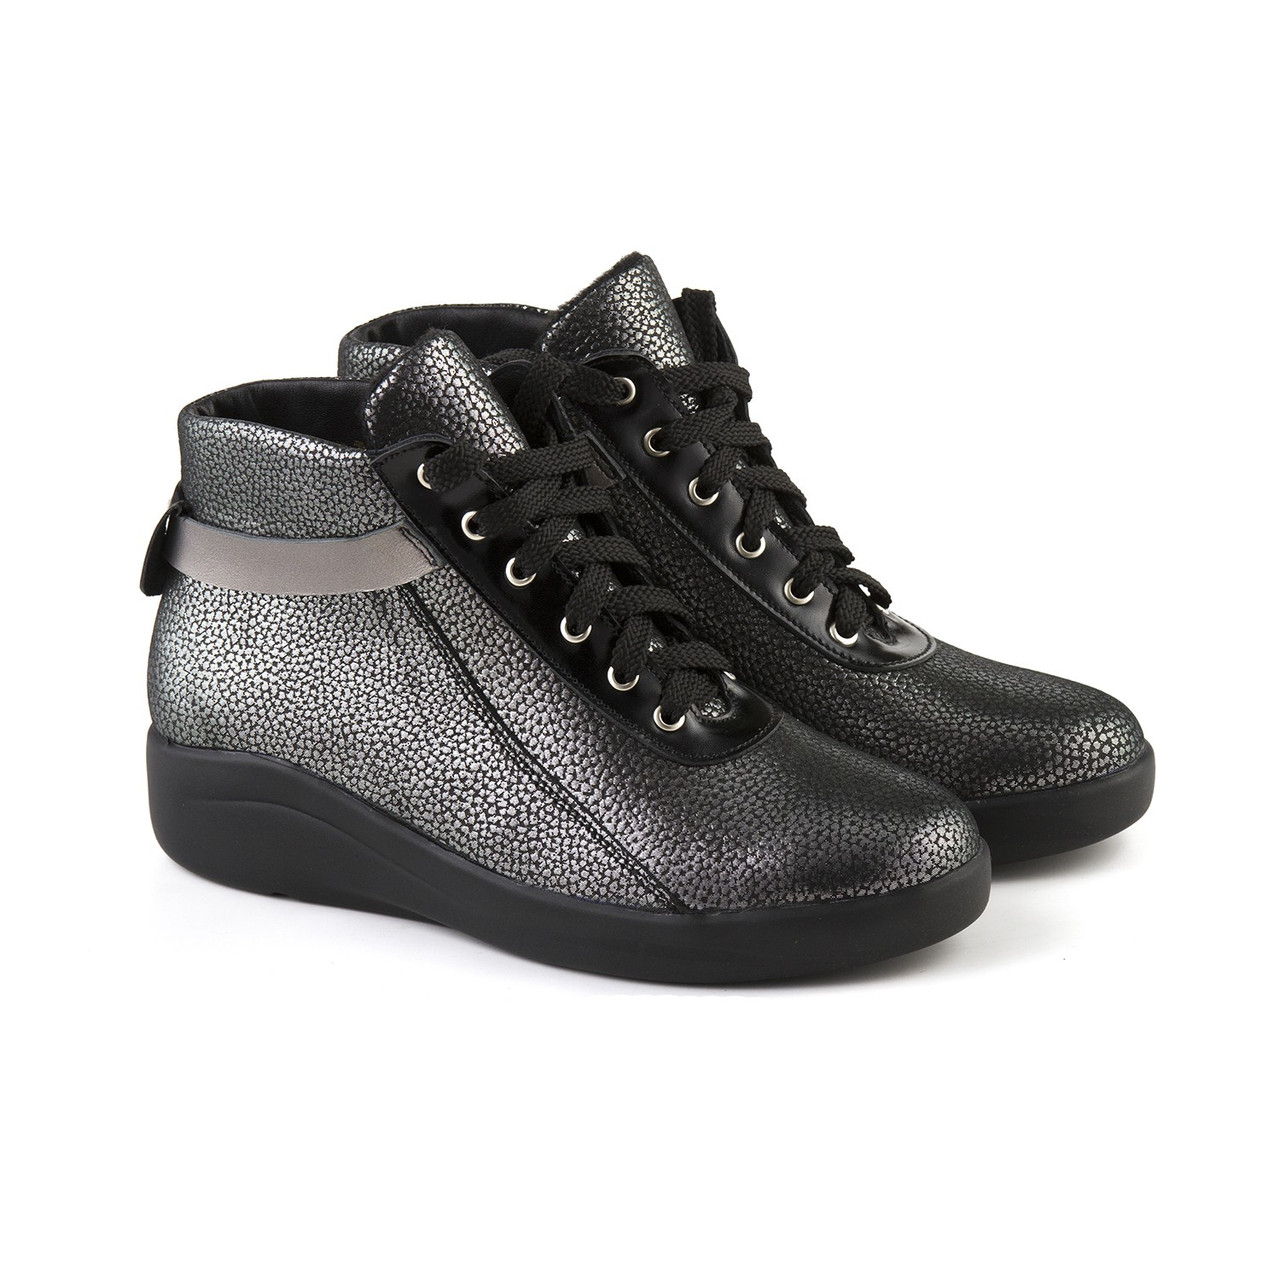 VM-Villomi Блестящие серебристые ботинки на шнуровке